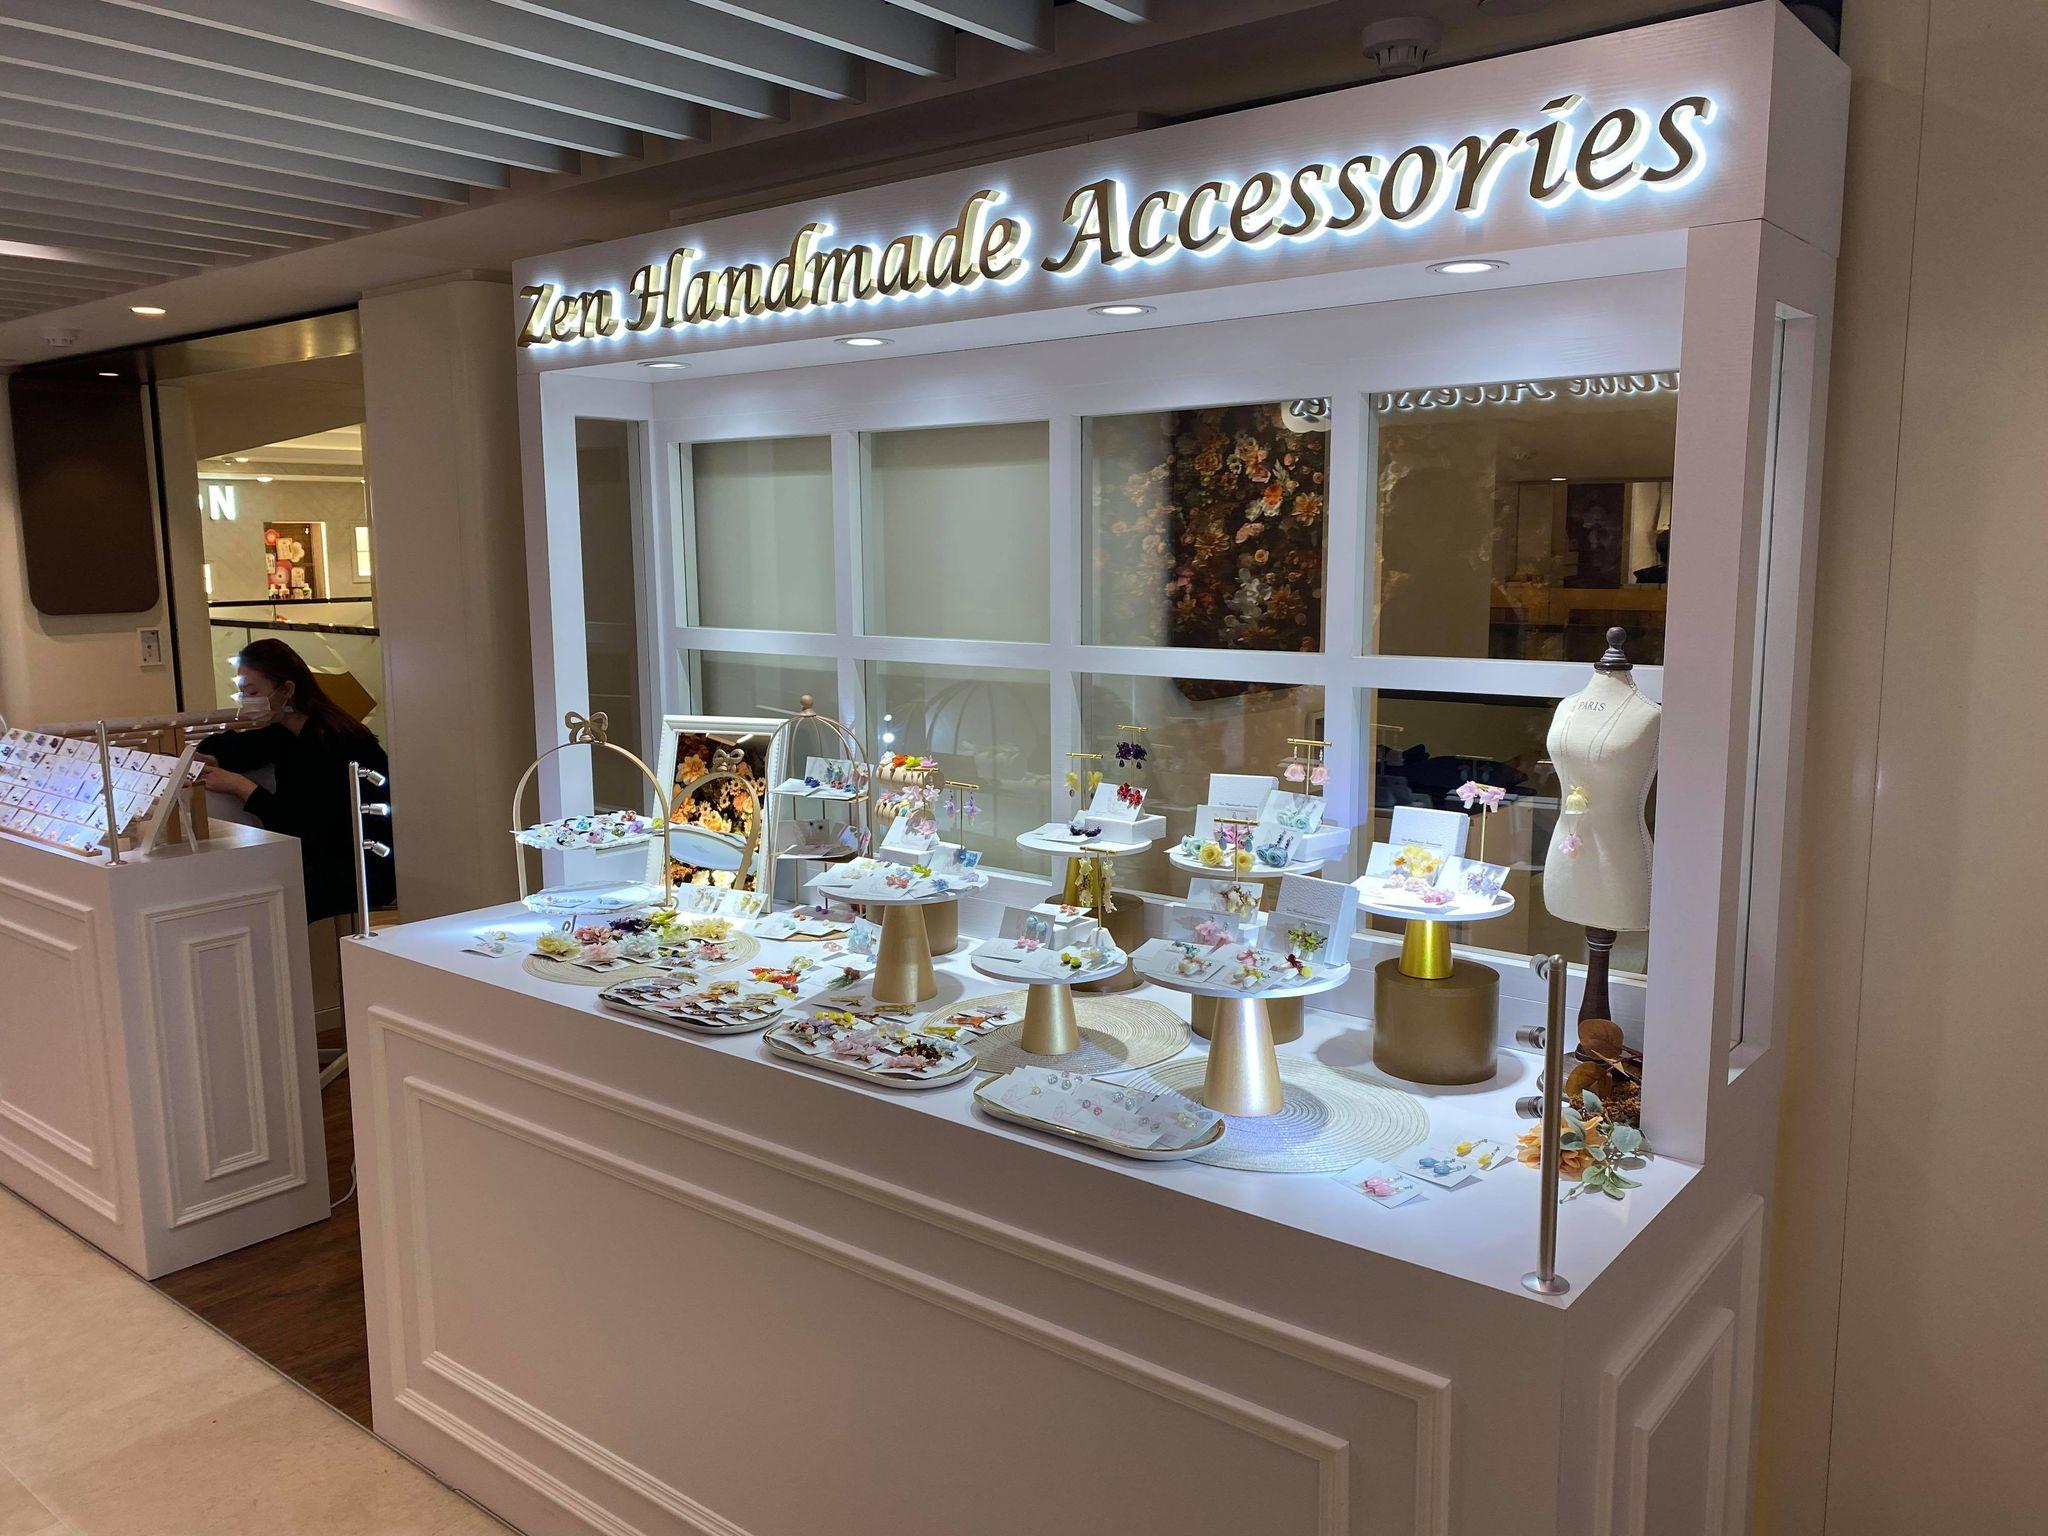 Zen Handmade Accessories